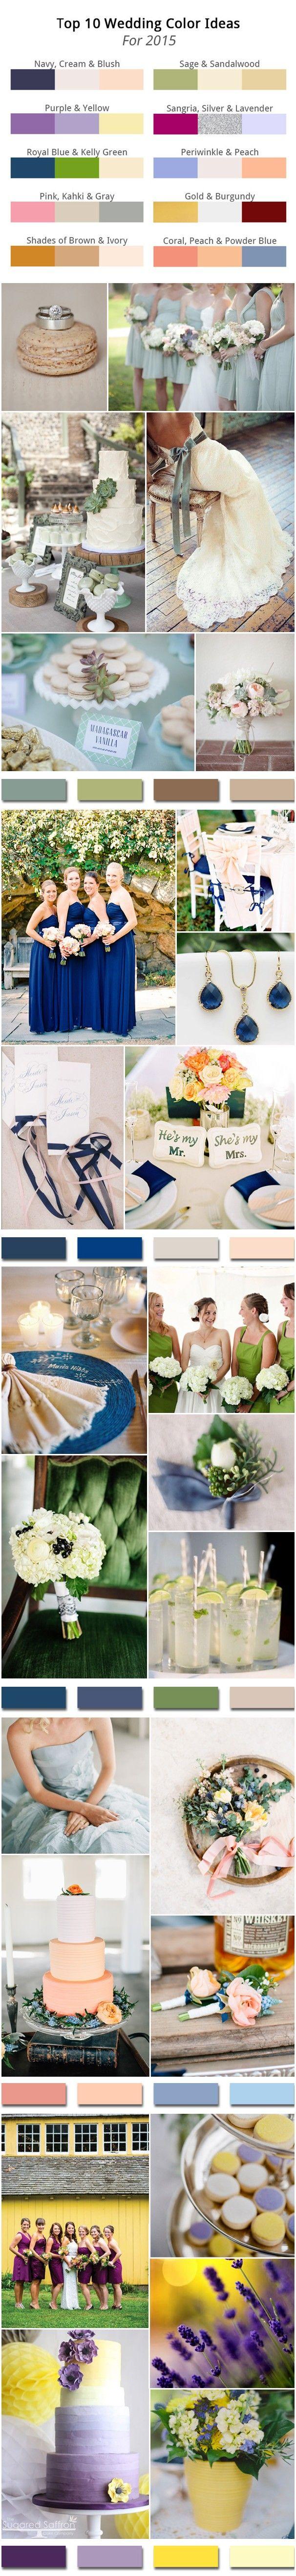 Top 10 Wedding Color Ideas for 2015 Trends #elegantweddinginvites